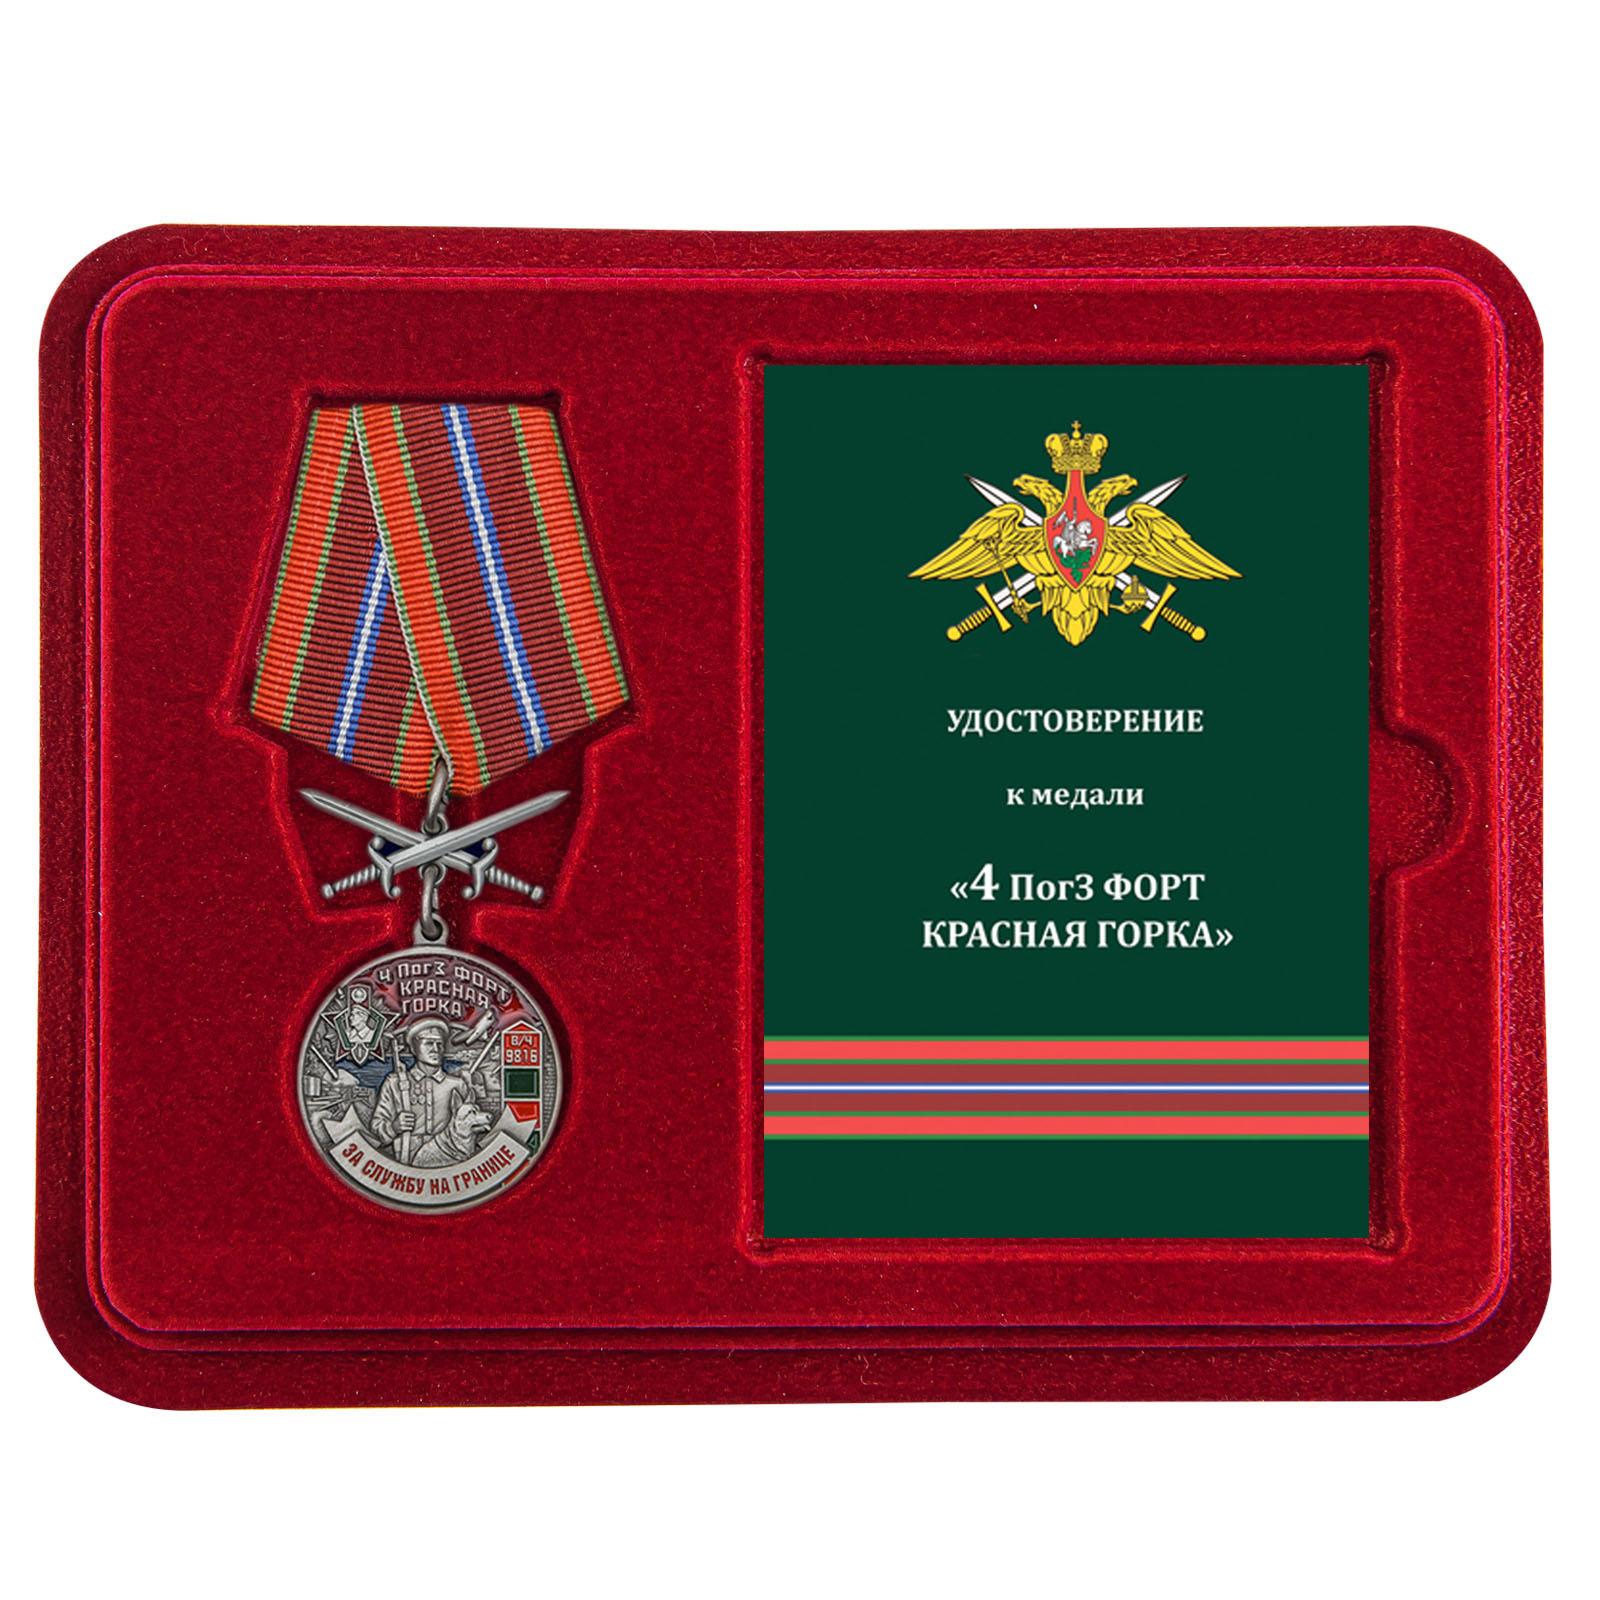 Купить медаль За службу на ПогЗ Красная горка с доставкой в ваш город